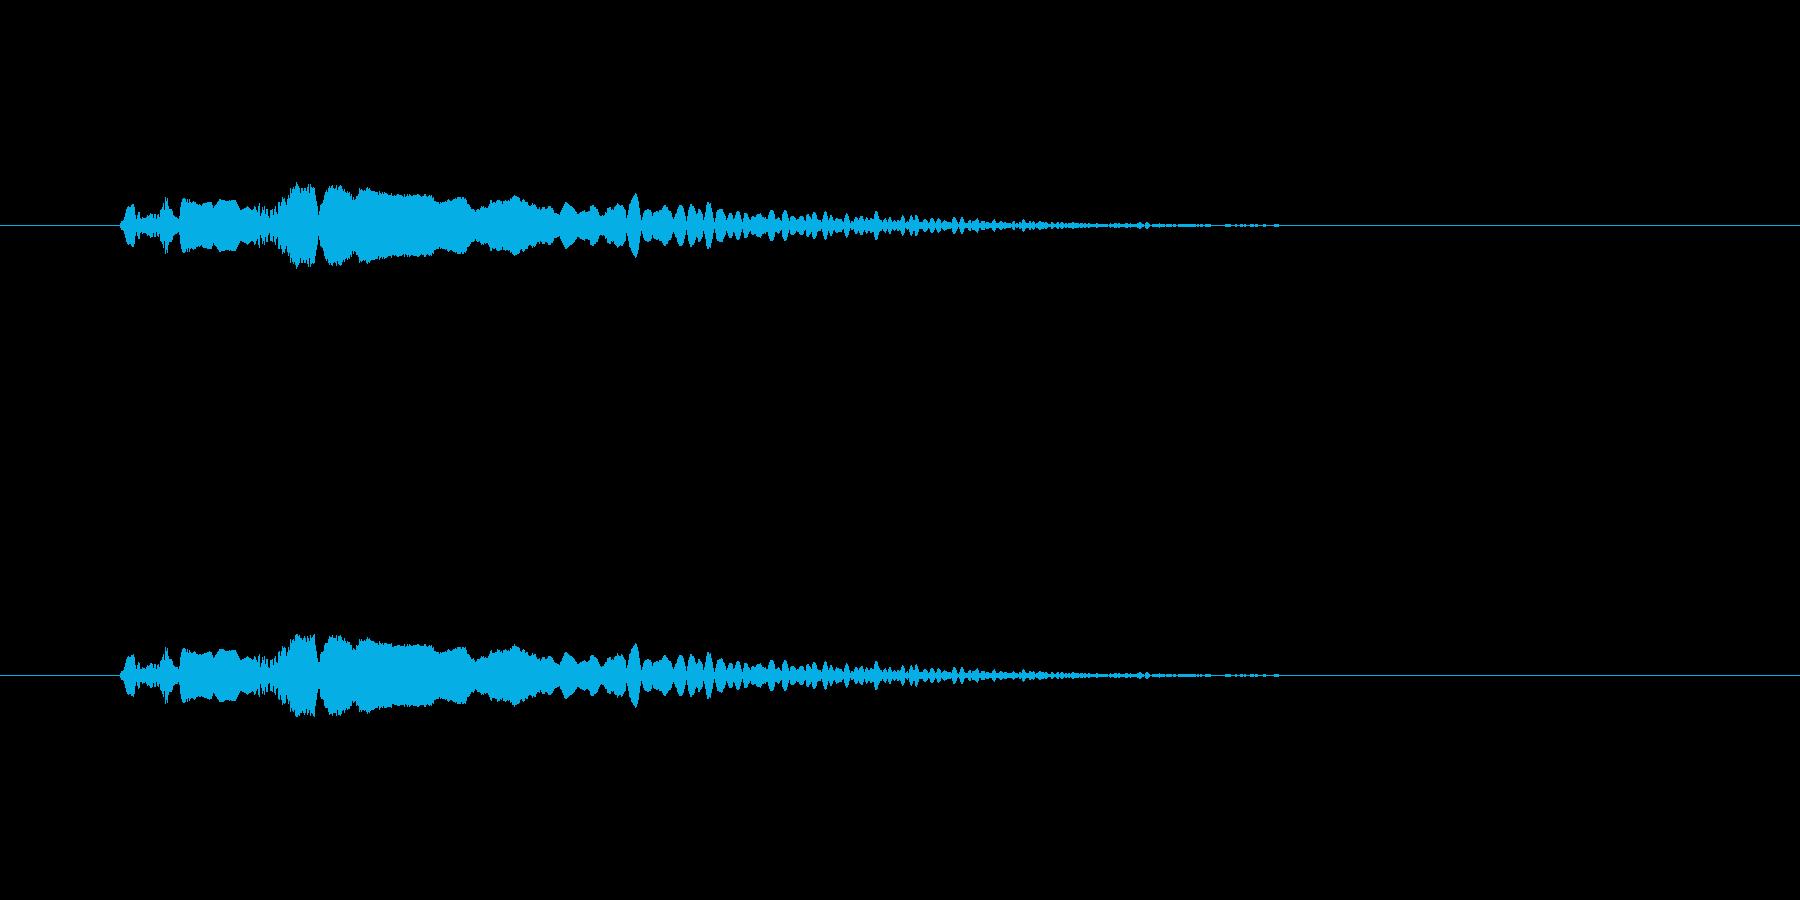 【ポップモーション30-1】の再生済みの波形